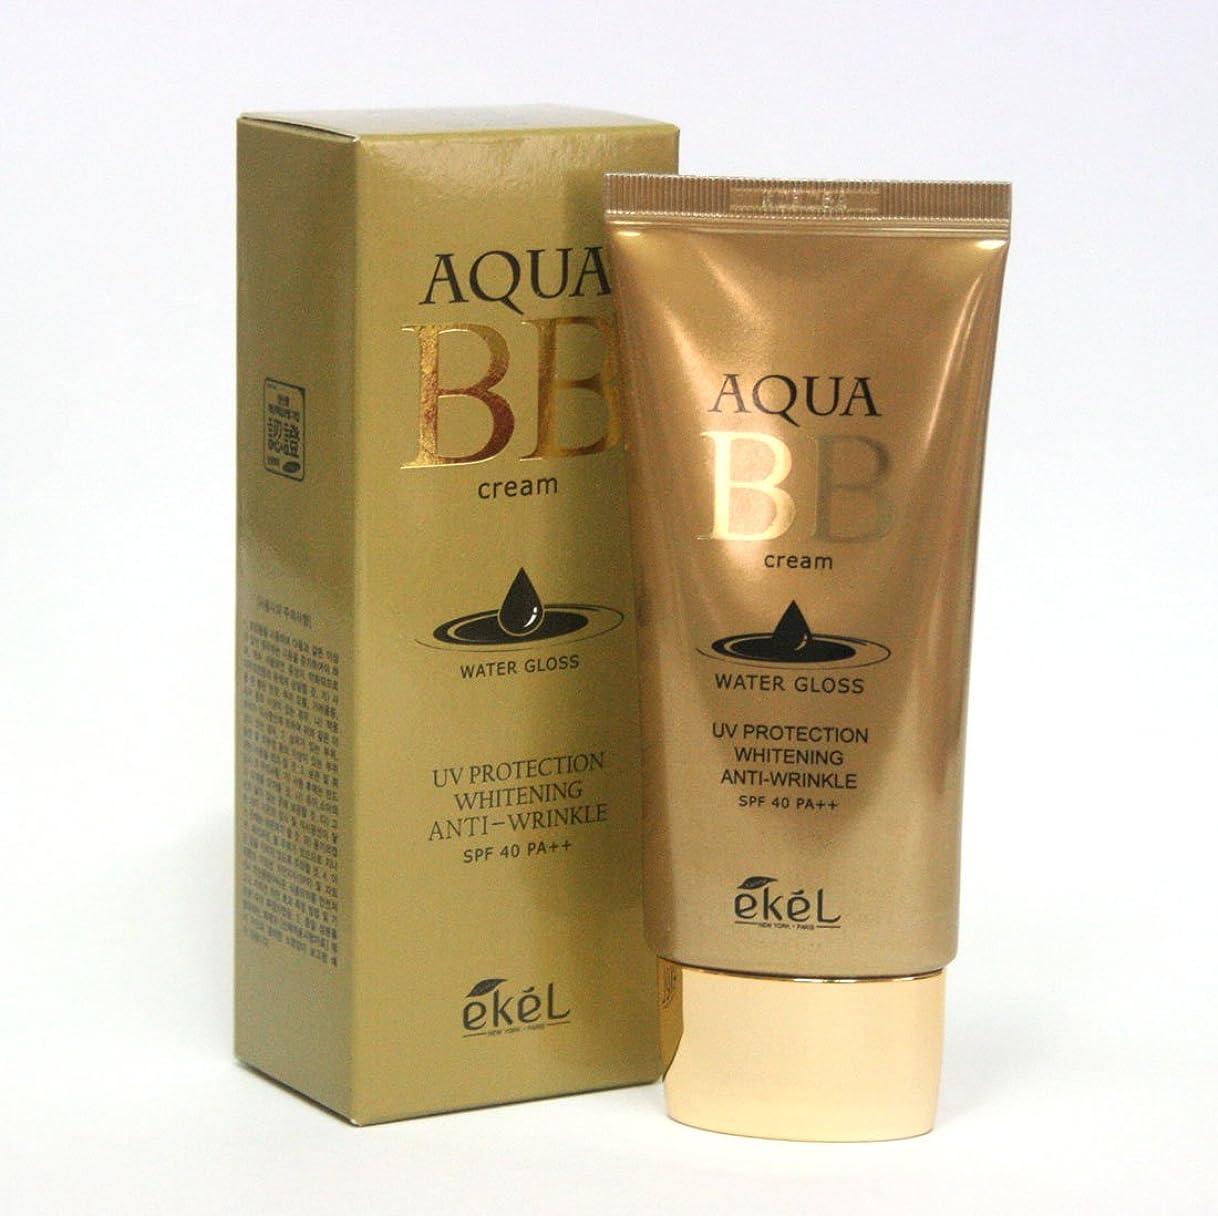 主要なレンジ真実[Ekel] アクアBBウォーターグロスクリーム50ml / Aqua BB Water Gloss Cream 50ml / ワイトニングアンチリンクルSPF40 PA++ / Whitening Anti-wrinkle SPF40 PA++ / 韓国化粧品/Korea Cosmetics [並行輸入品]